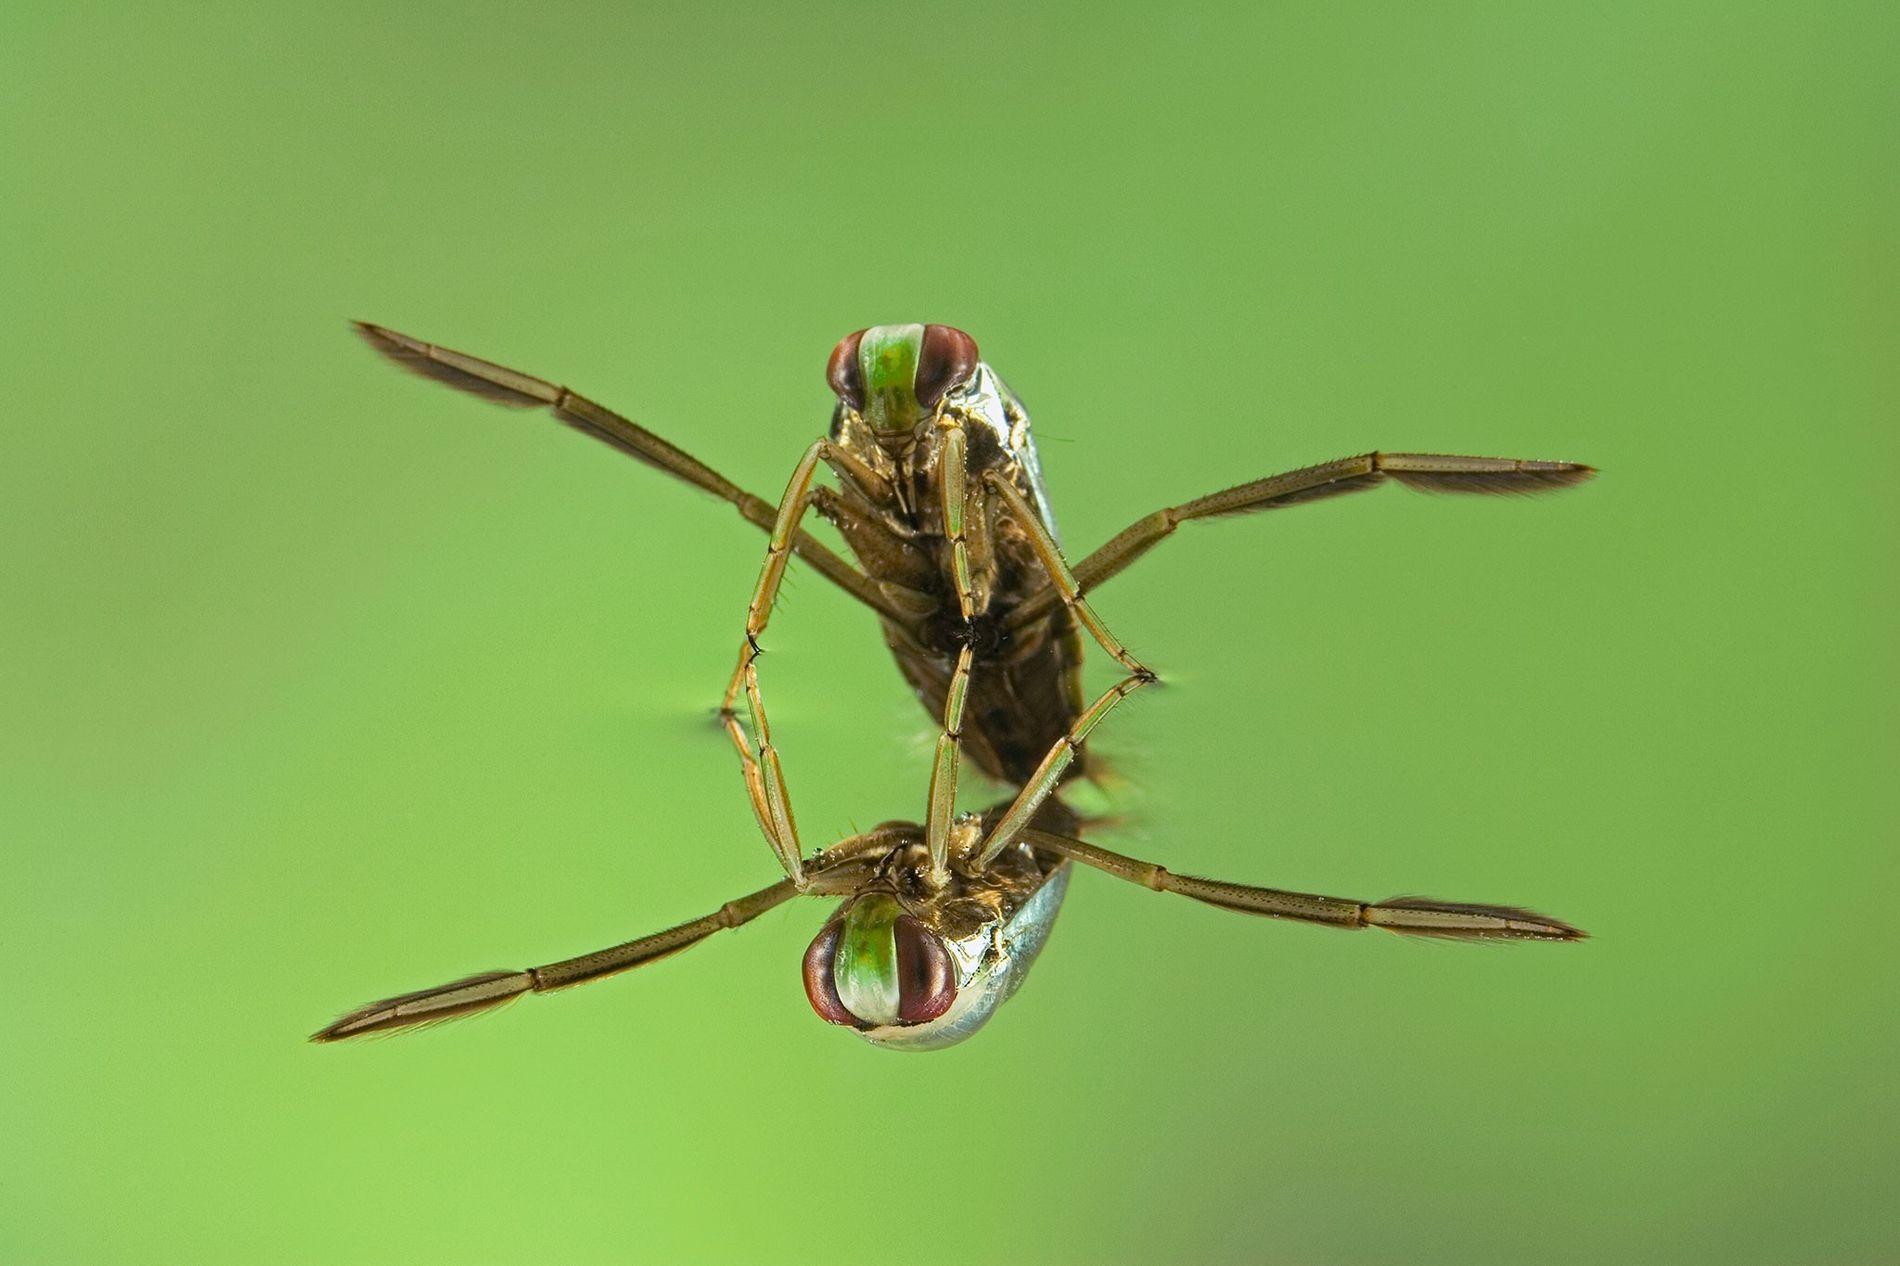 Insecto acuático de la familia Corixidae